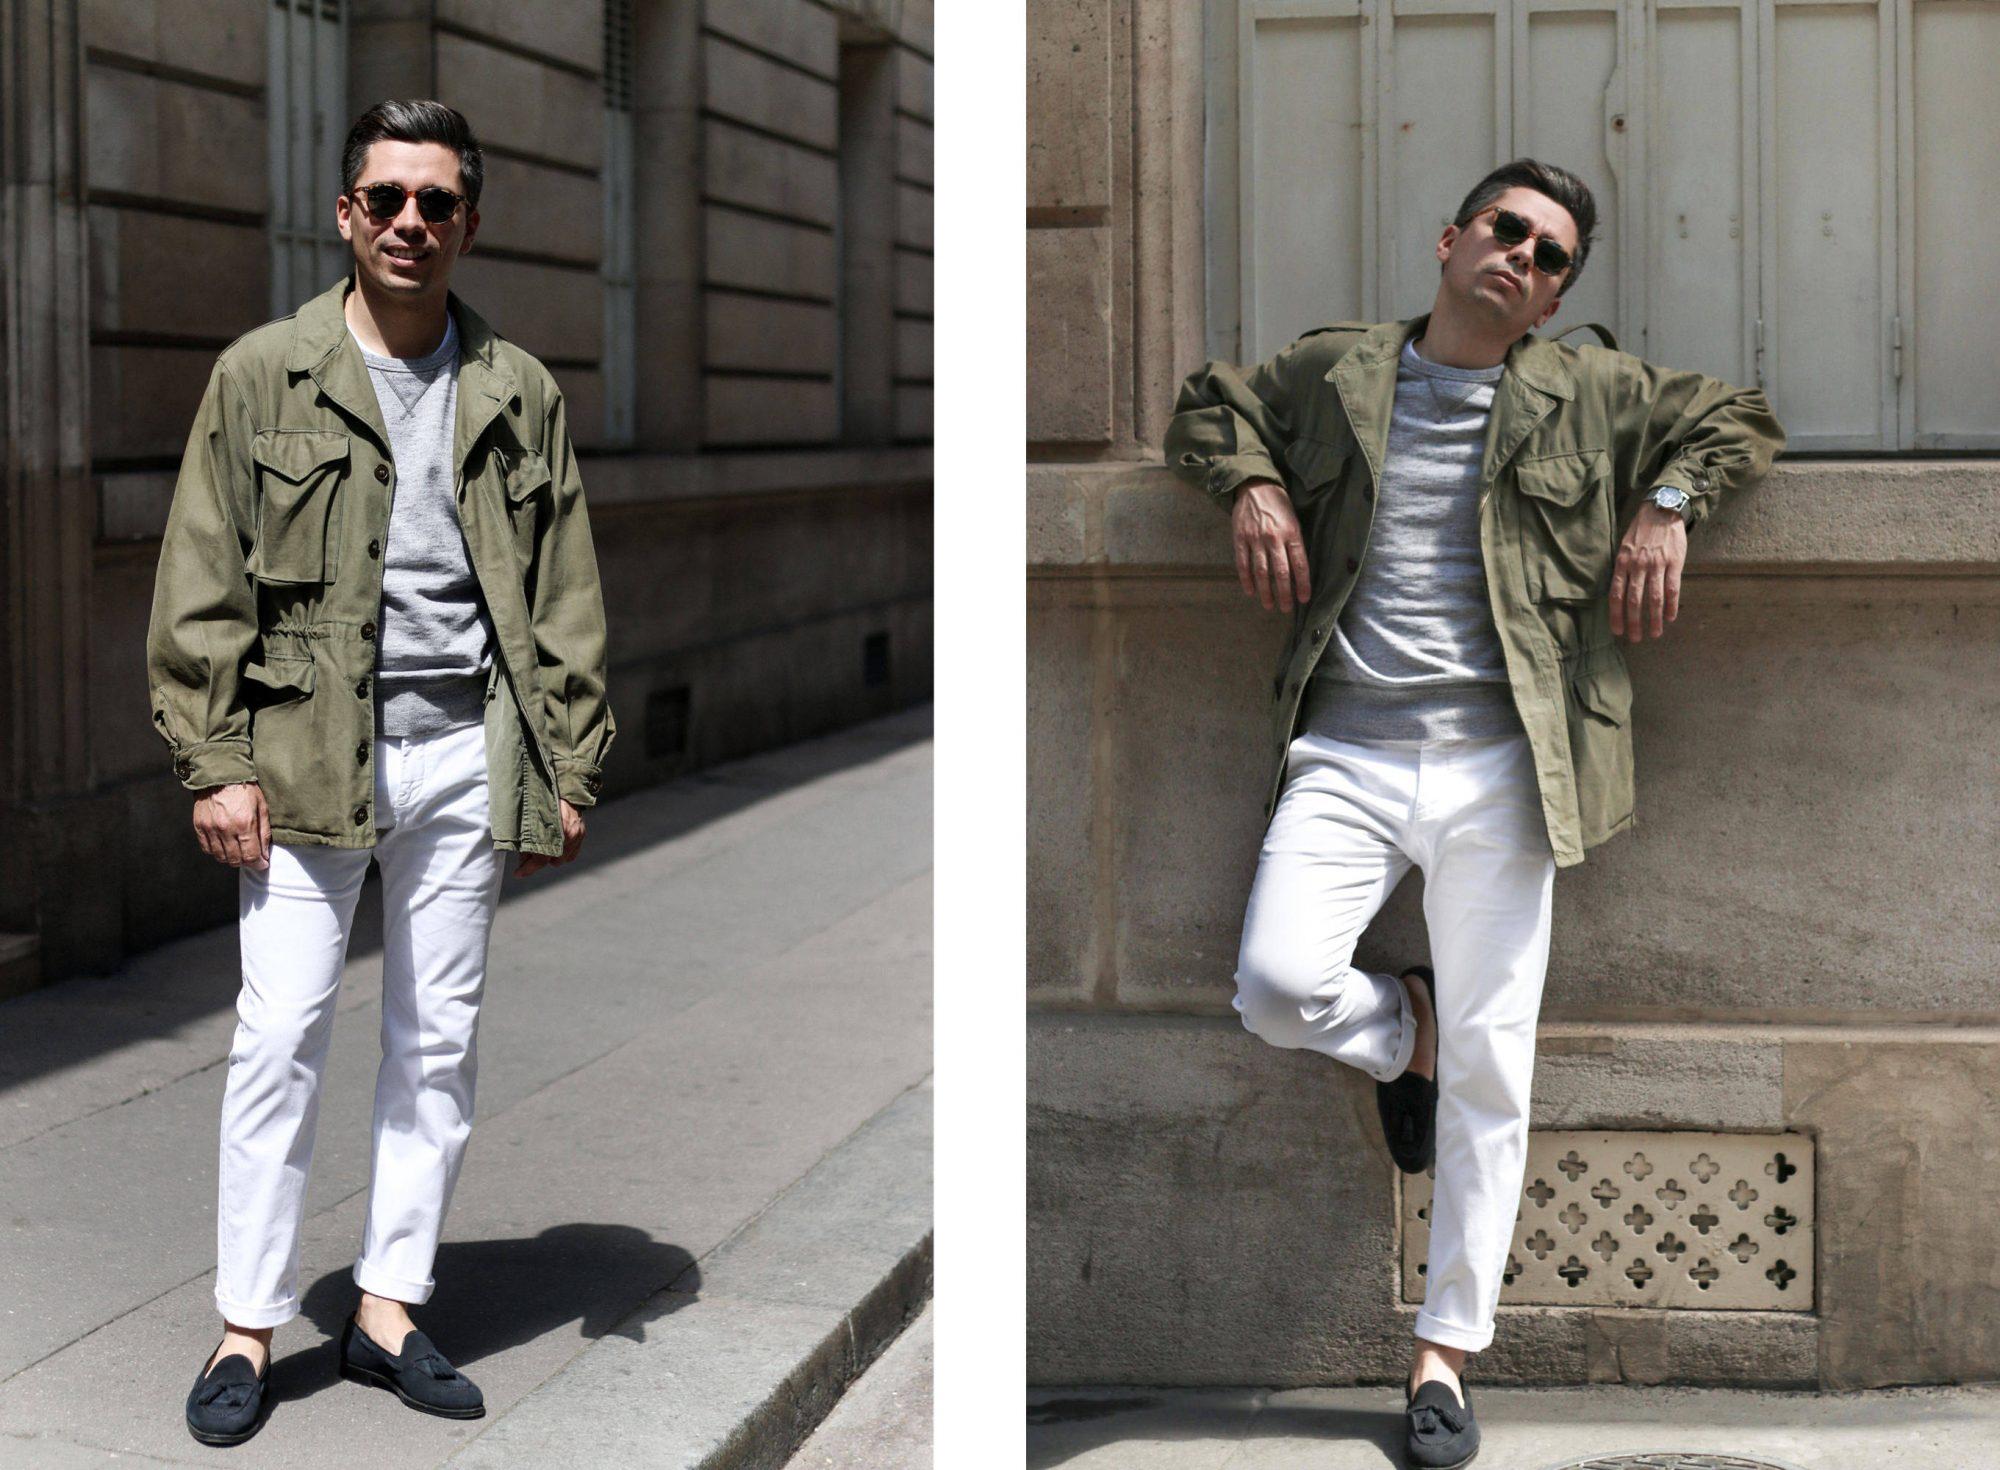 style homme veste militaire look veste m43 m-1943